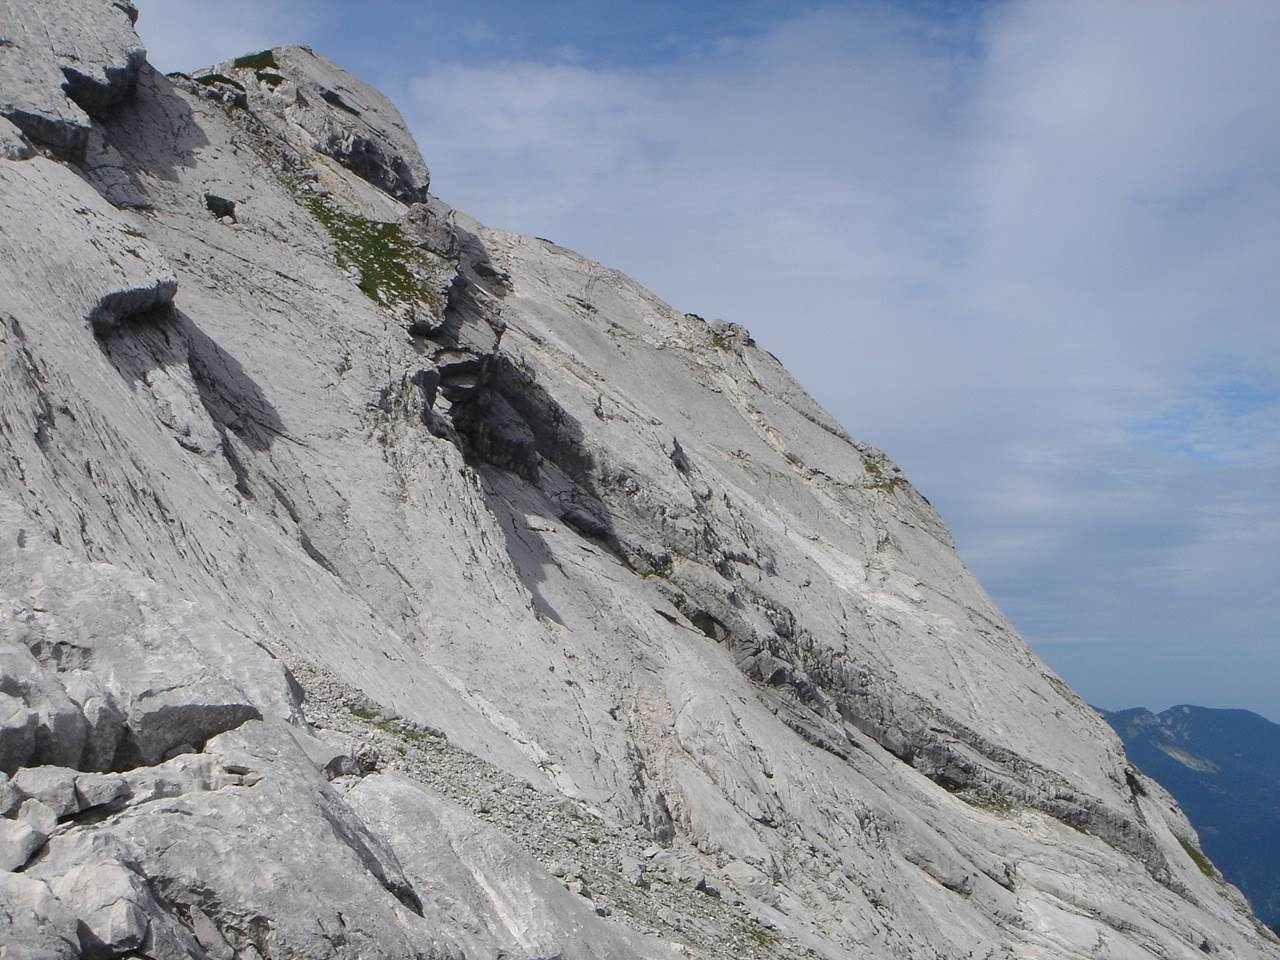 Foto: Manfred Karl / Wander Tour / Auf den Zwölfer über den Grießkarsteig / Blick auf die herrlichen Platten, über die die Route